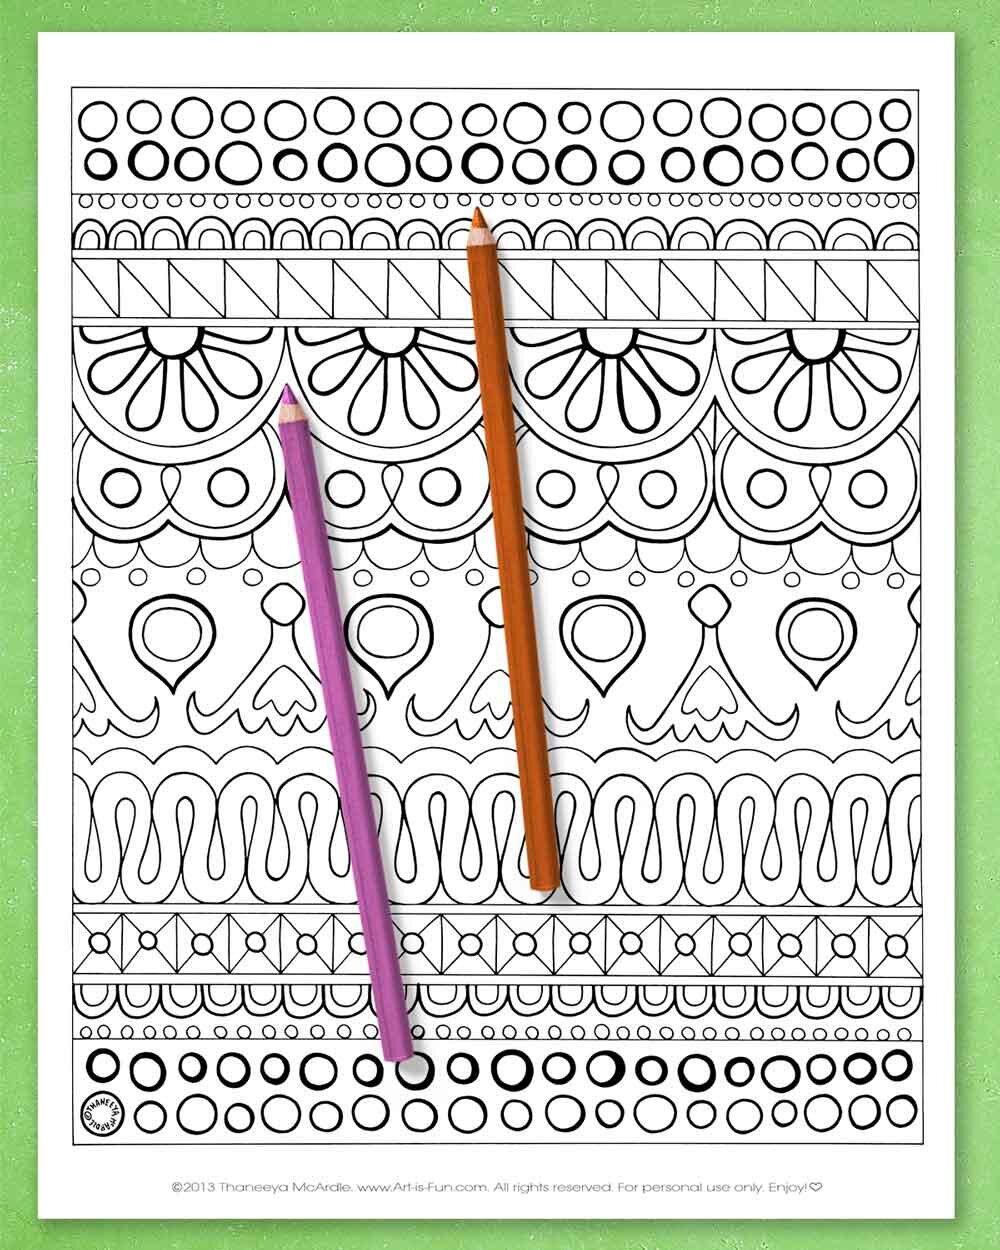 Thaneeya Mcardle的可打万博体育2018版印抽象着色页万博体育游戏平台